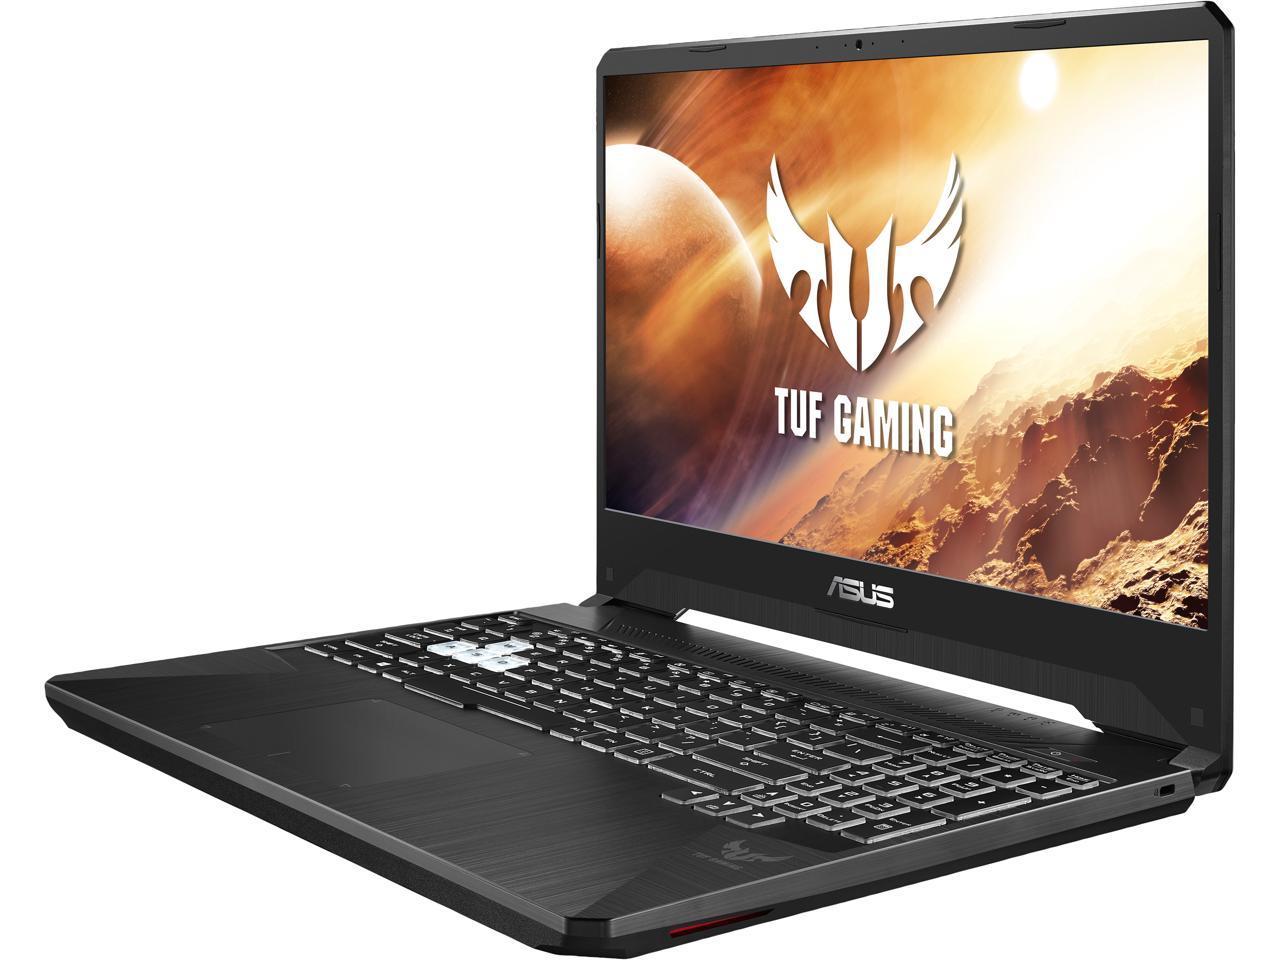 """ASUS TUF Gaming Laptop, 15.6"""" 144Hz Full HD IPS-Type Display"""